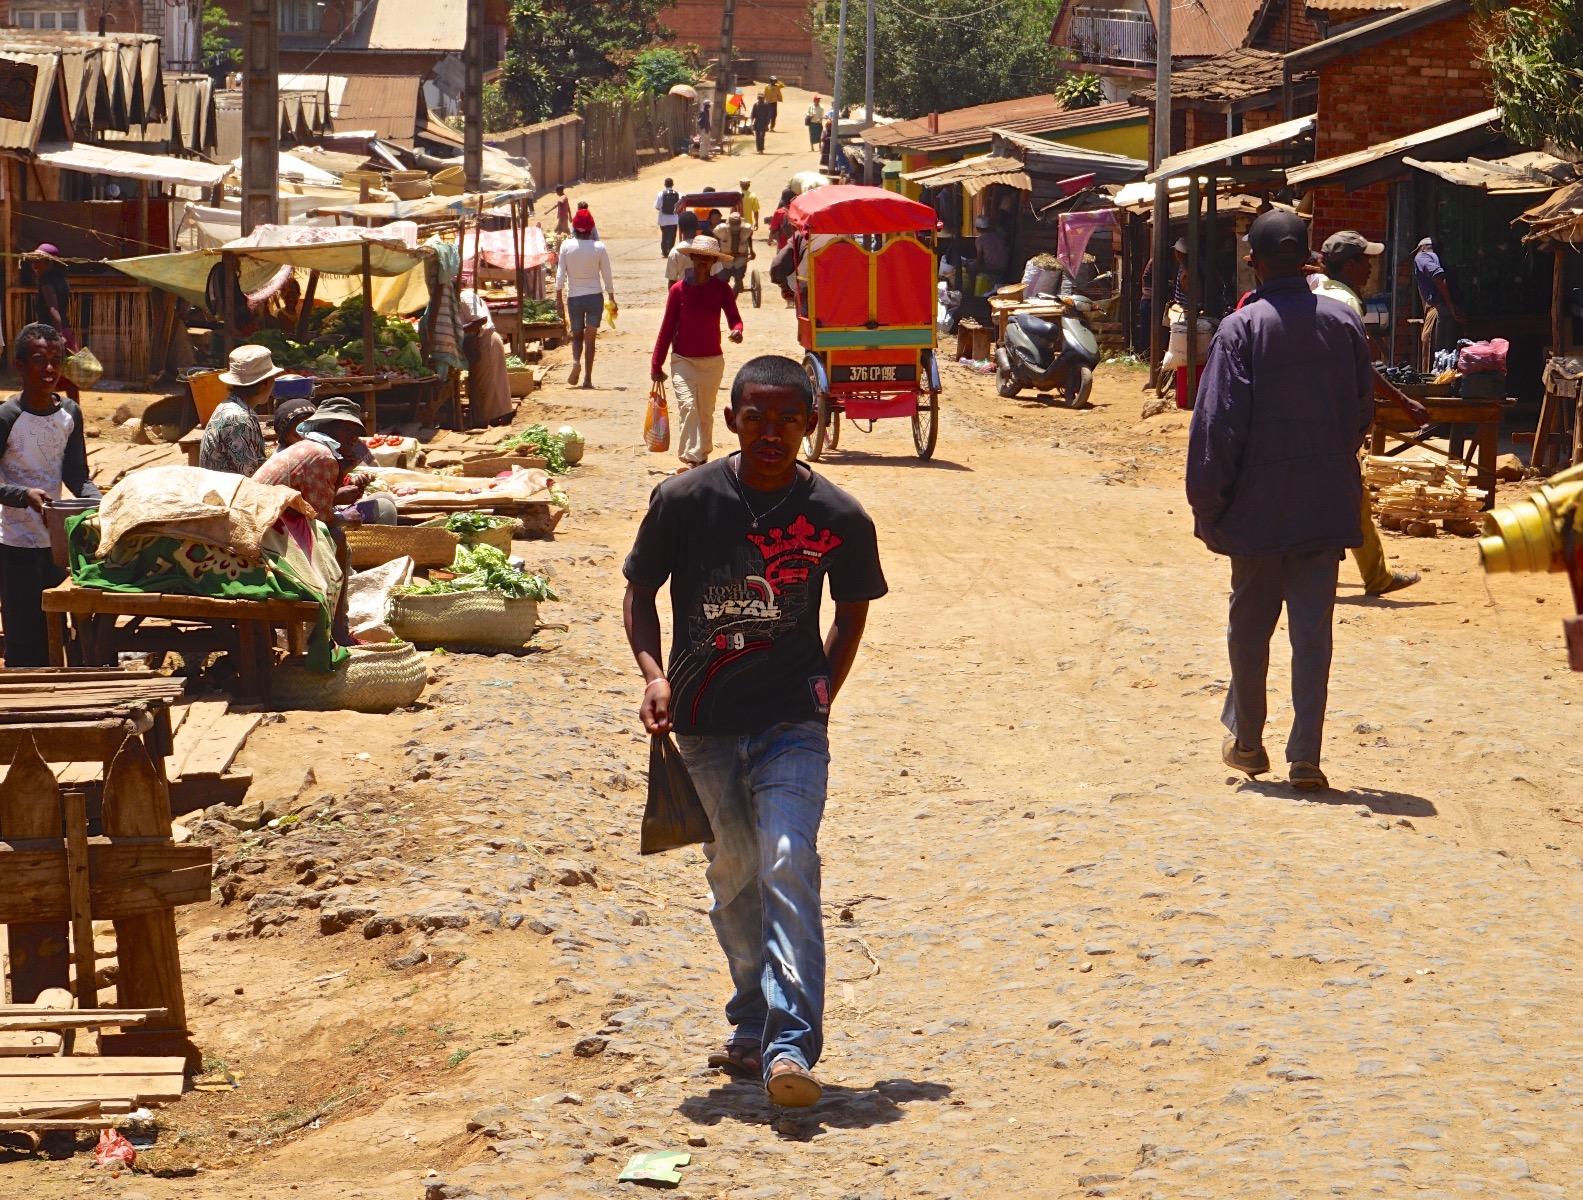 A street in Madagascar